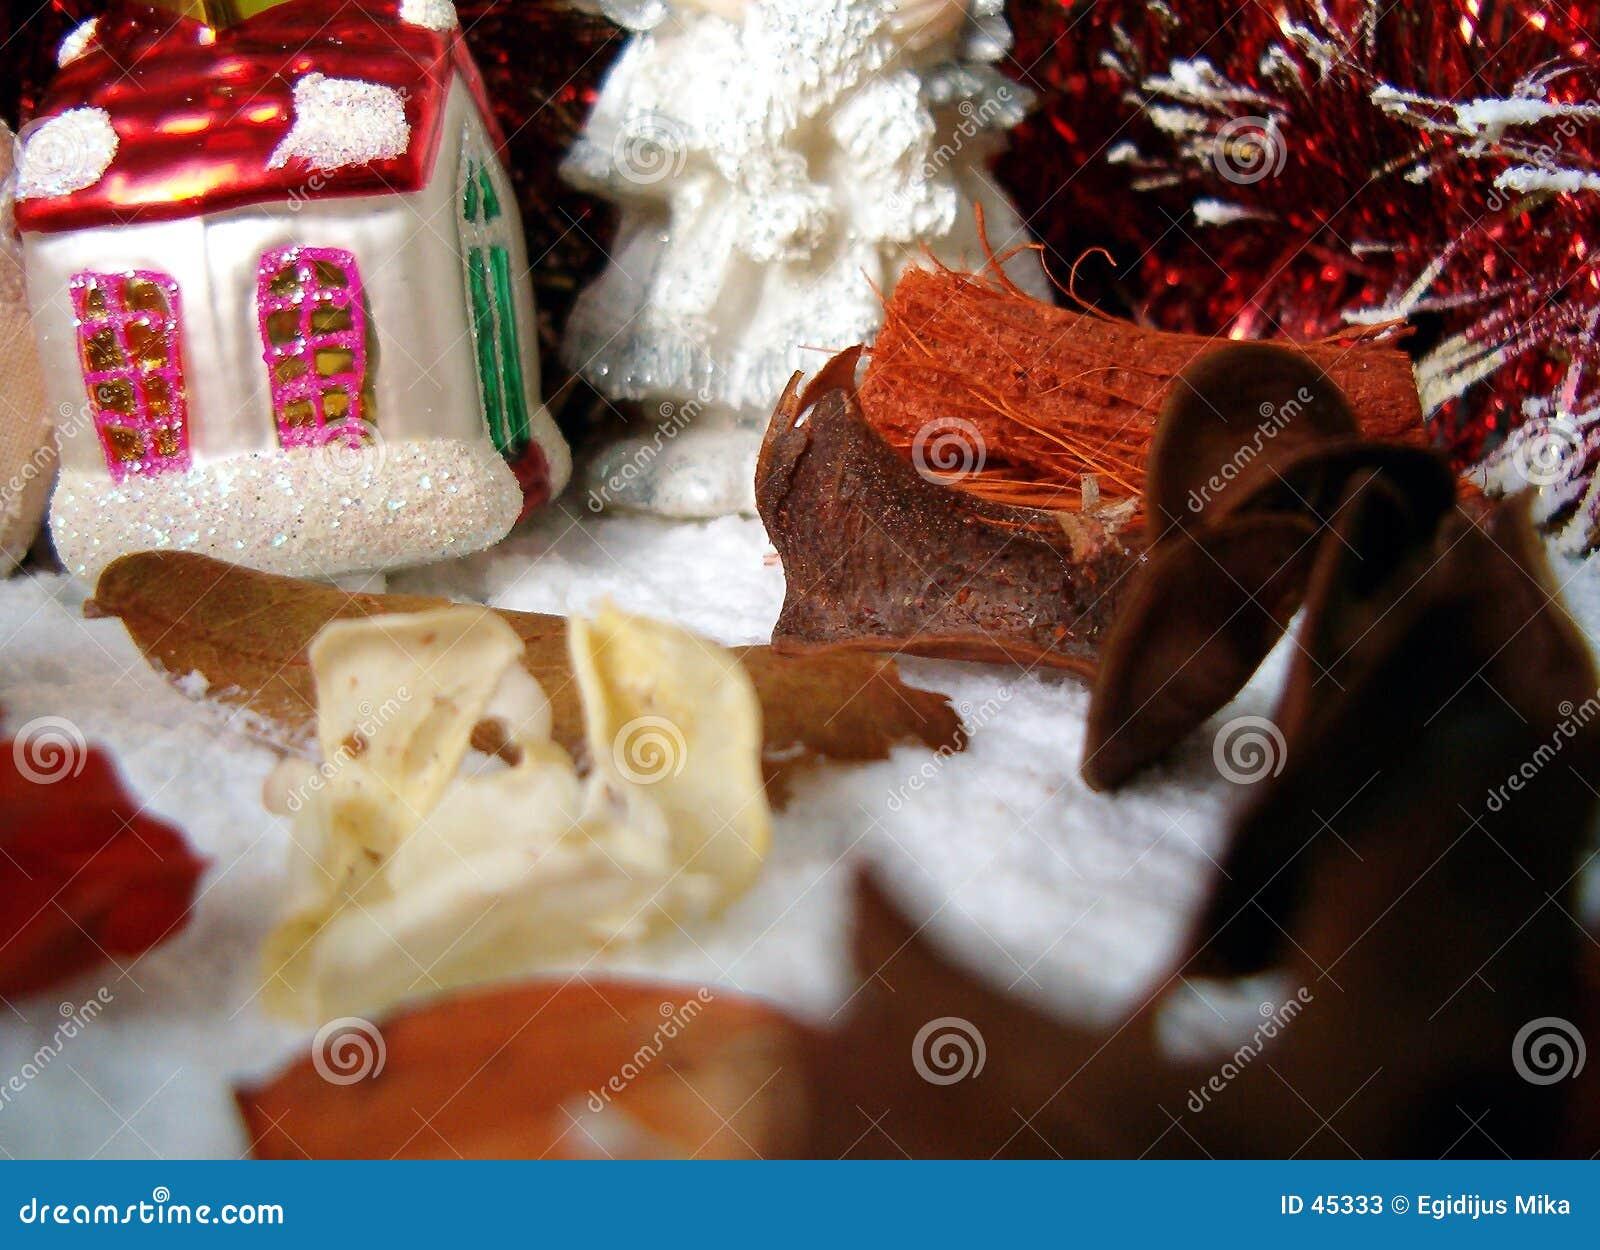 Composição do Natal